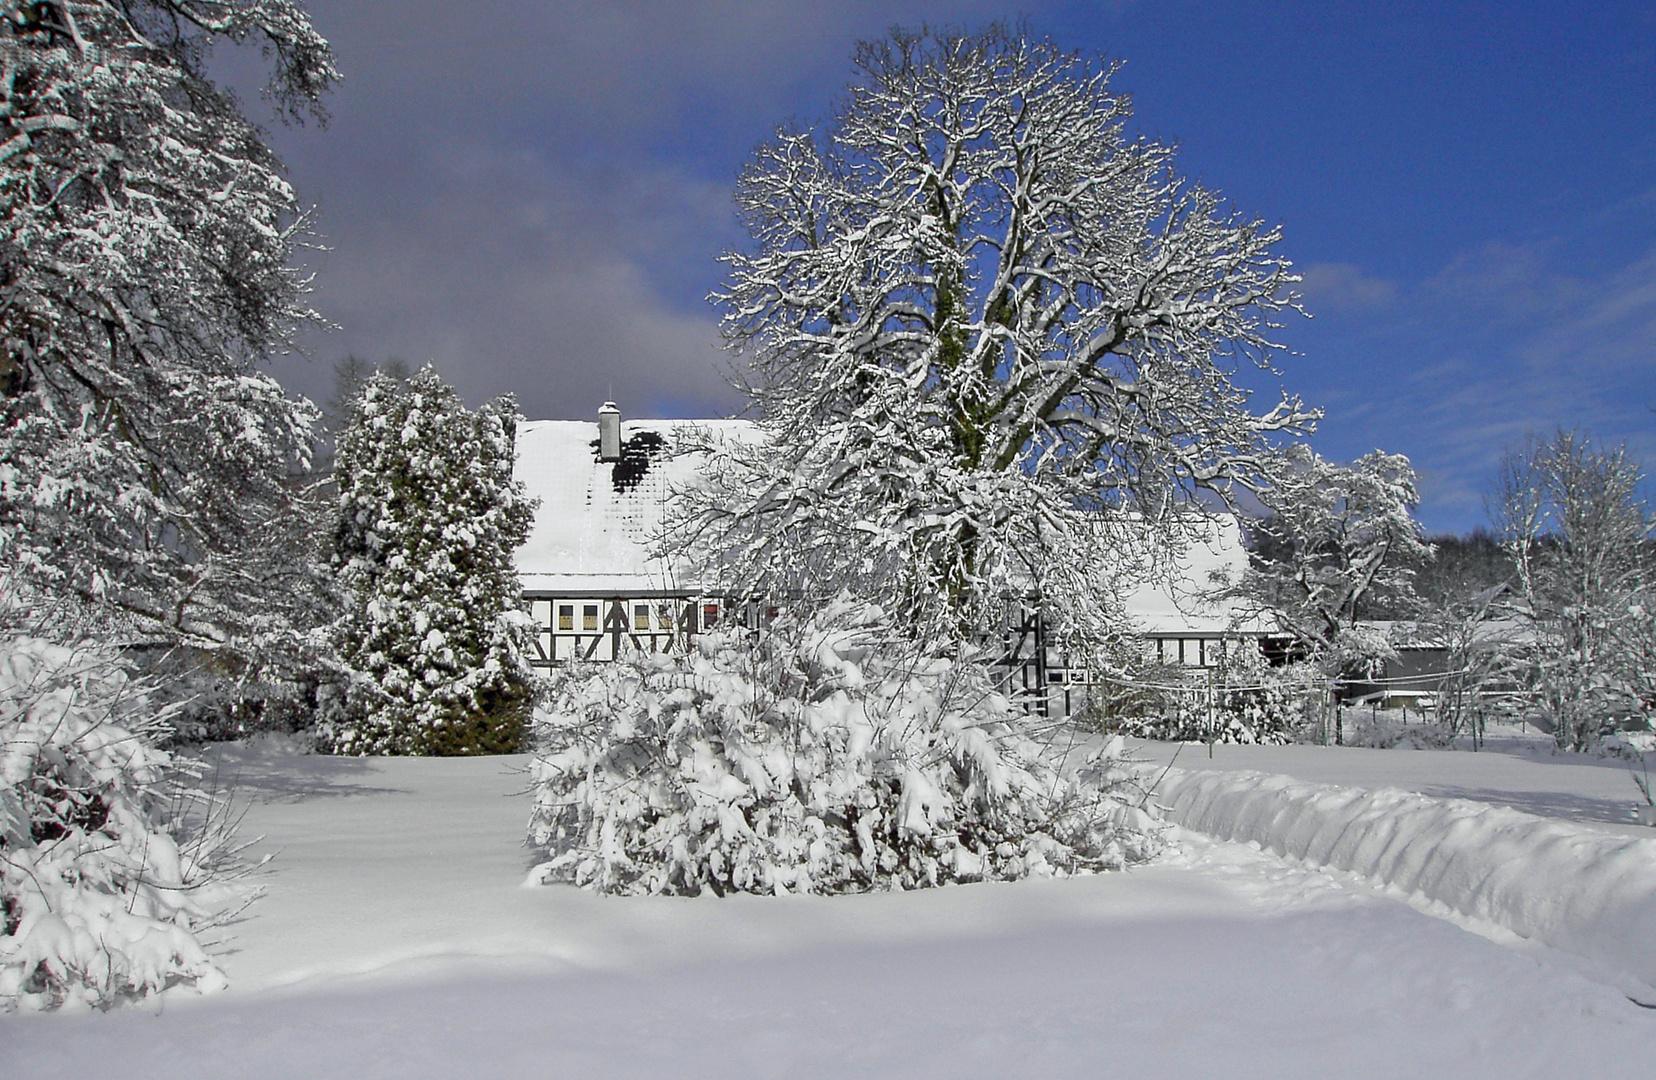 Bauernhof in Hilchenbach-Dahlbruch (Reload)